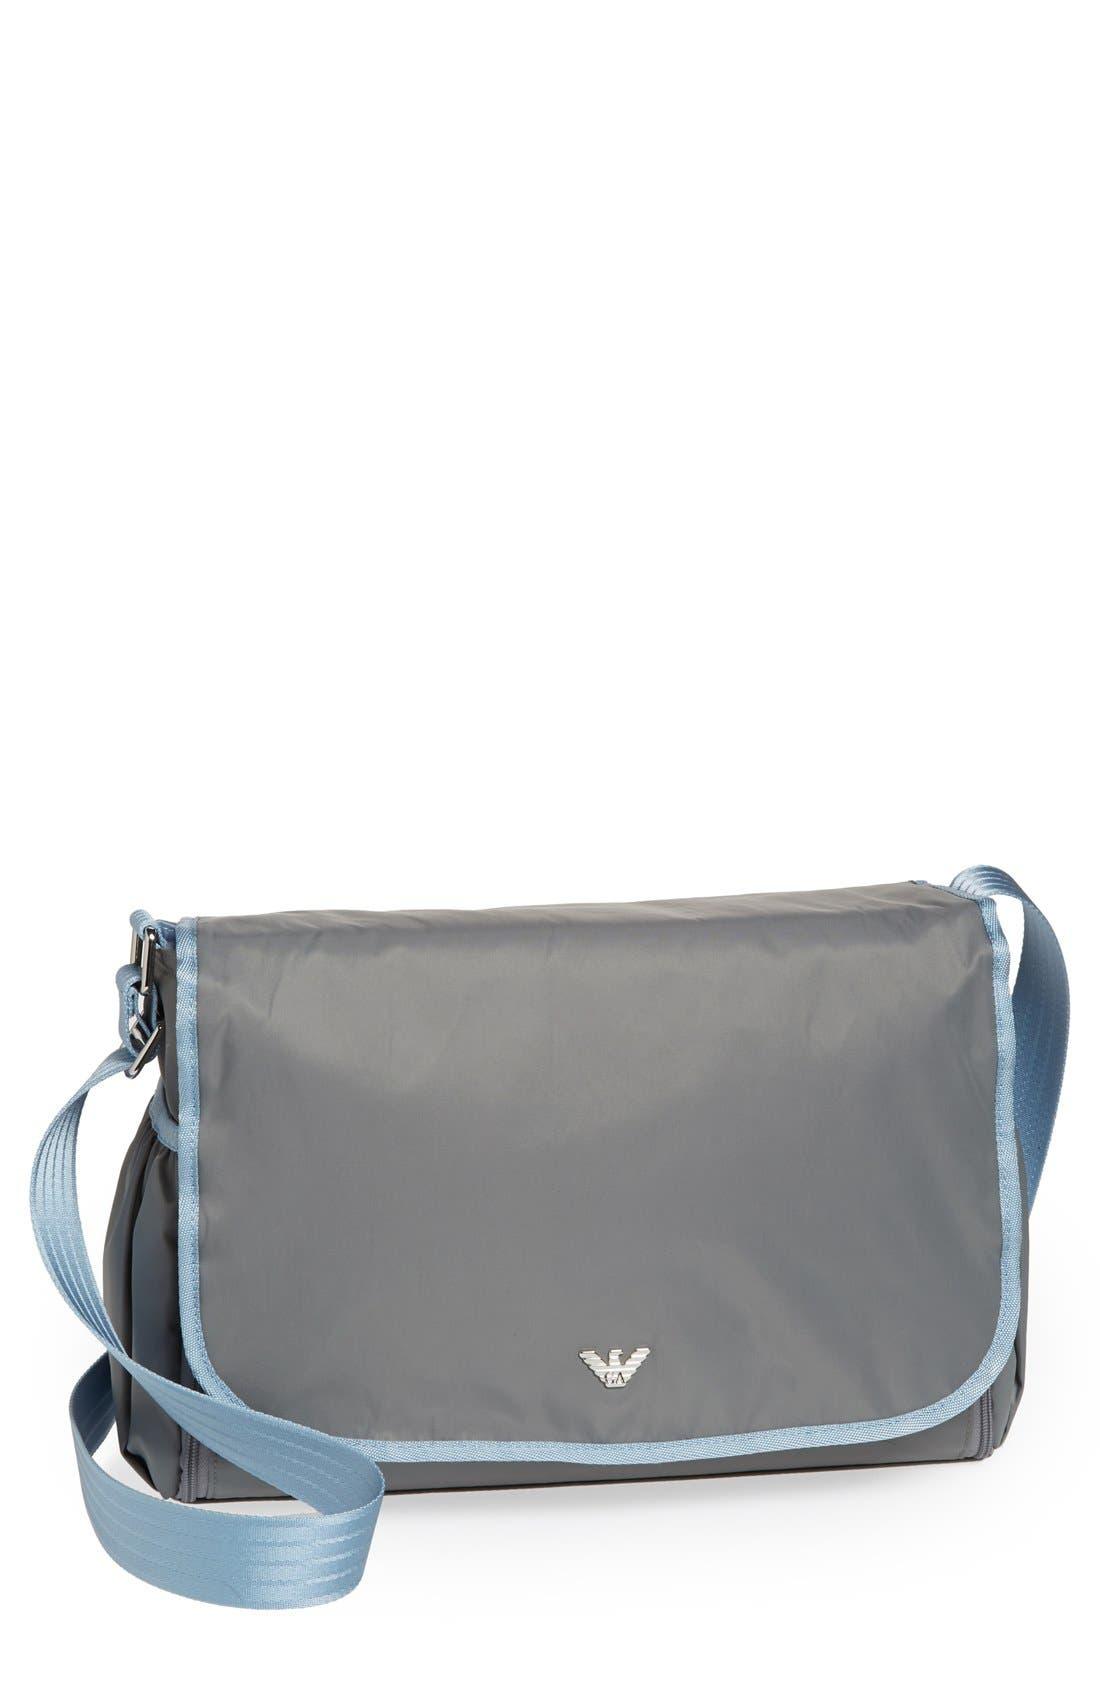 Alternate Image 1 Selected - Armani Junior Nylon Diaper Bag